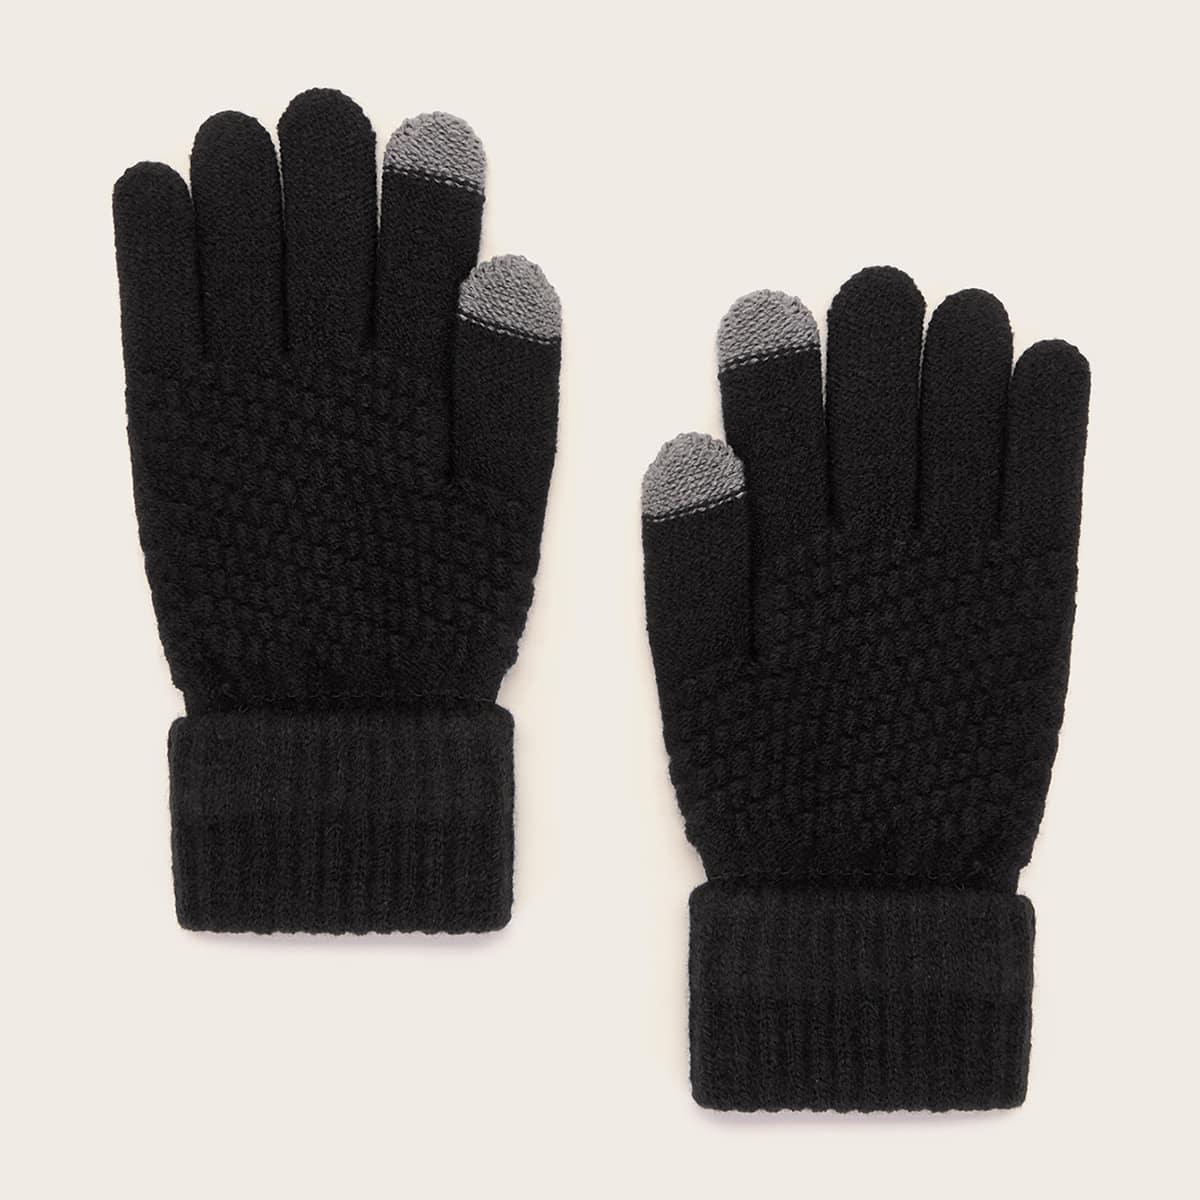 Трикотажные перчатки 1 пара от SHEIN